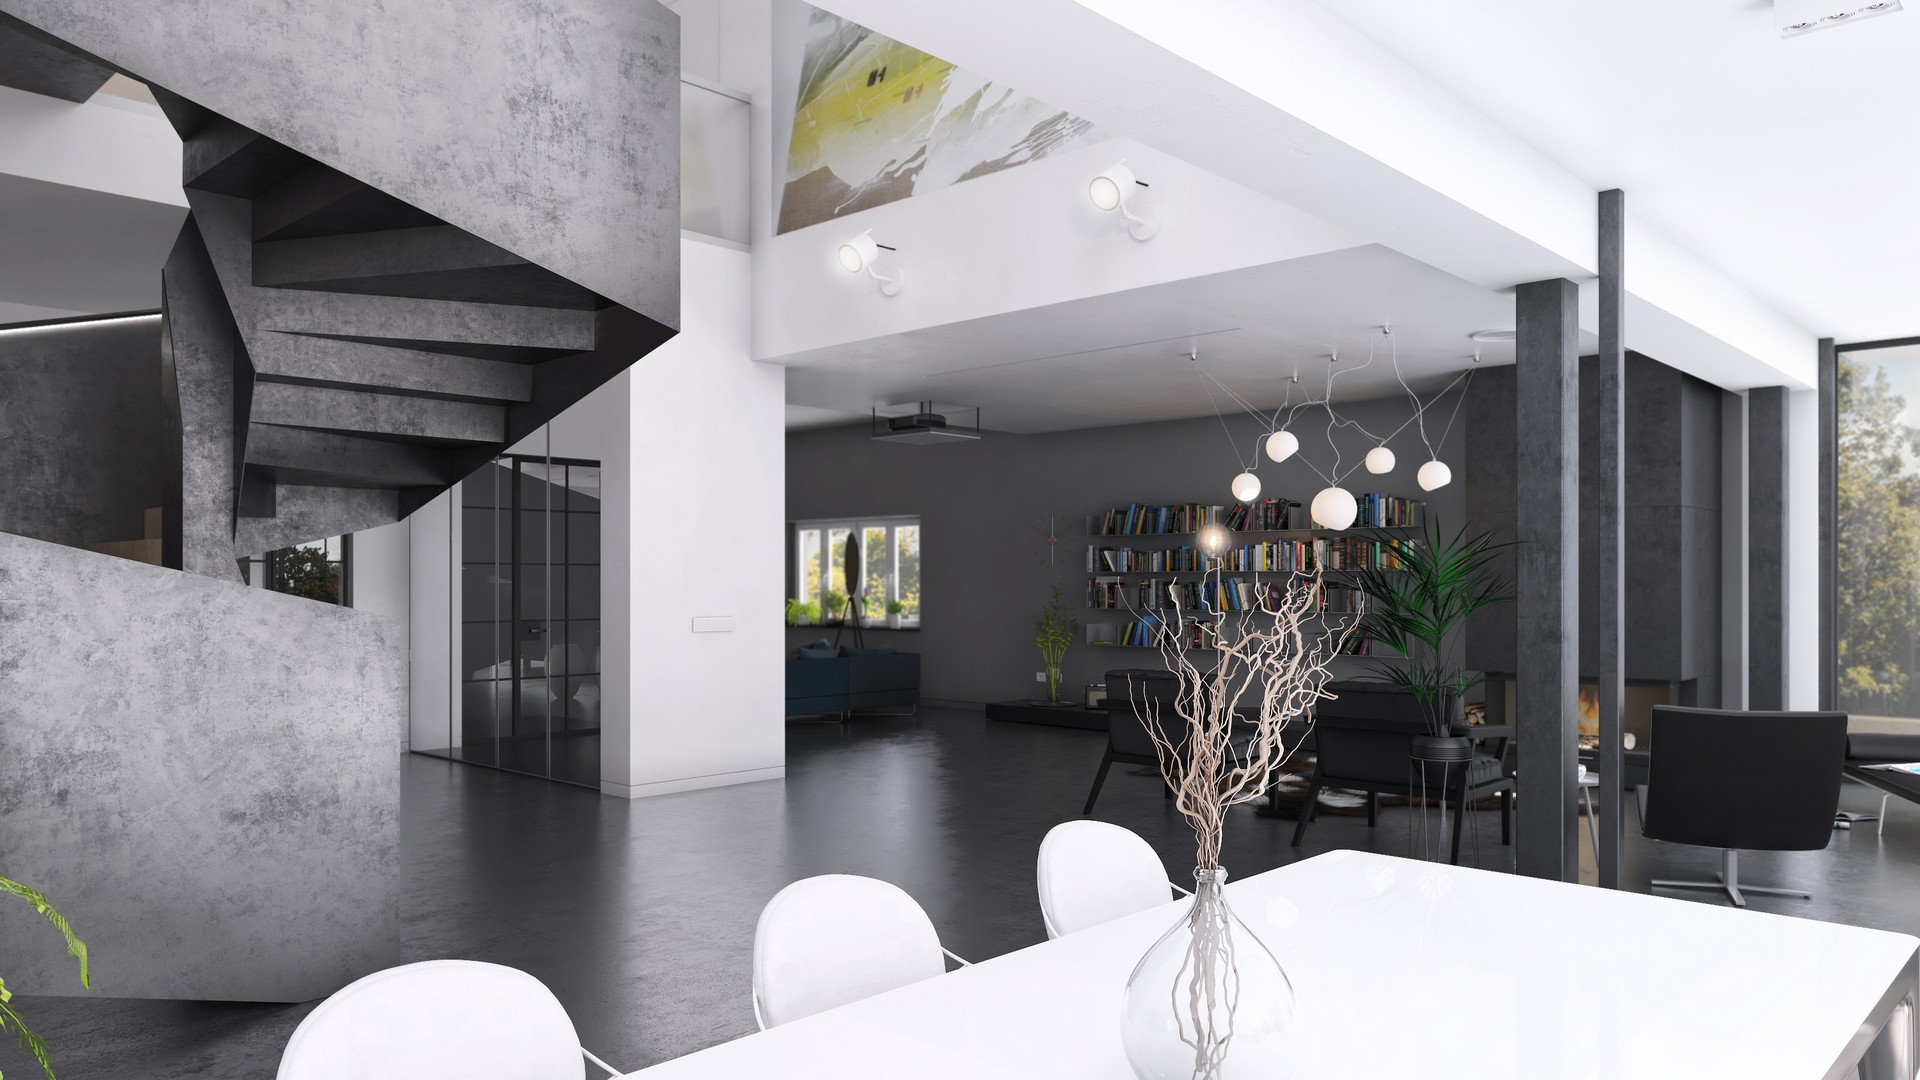 strefa dzienna w domu jednorodzinnym wizualizacja 3d